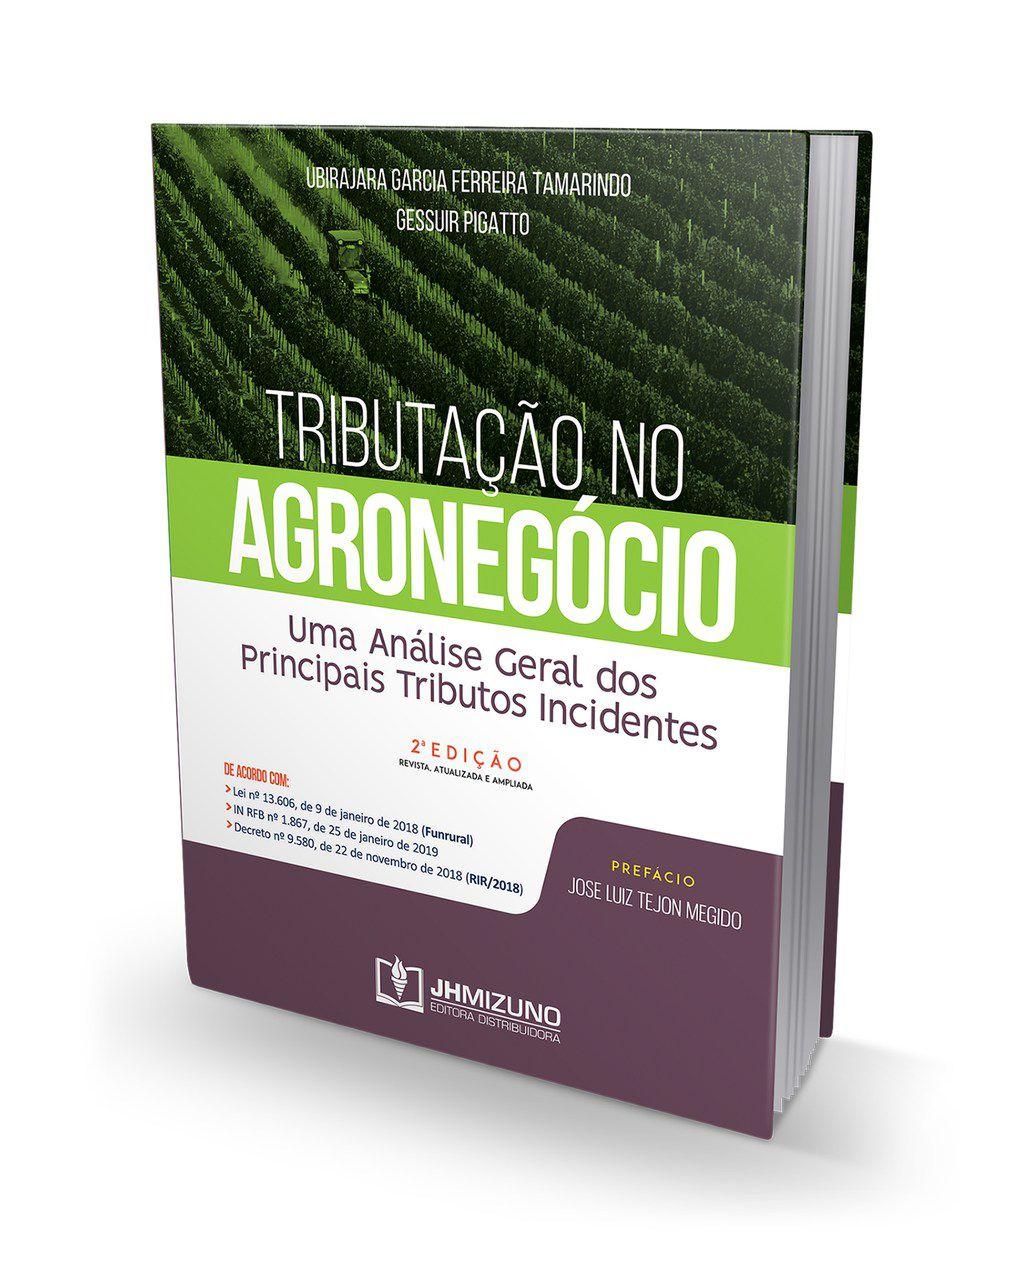 Tributação no Agronegócio - Uma Análise Geral Dos Principais Tributos Incidentes